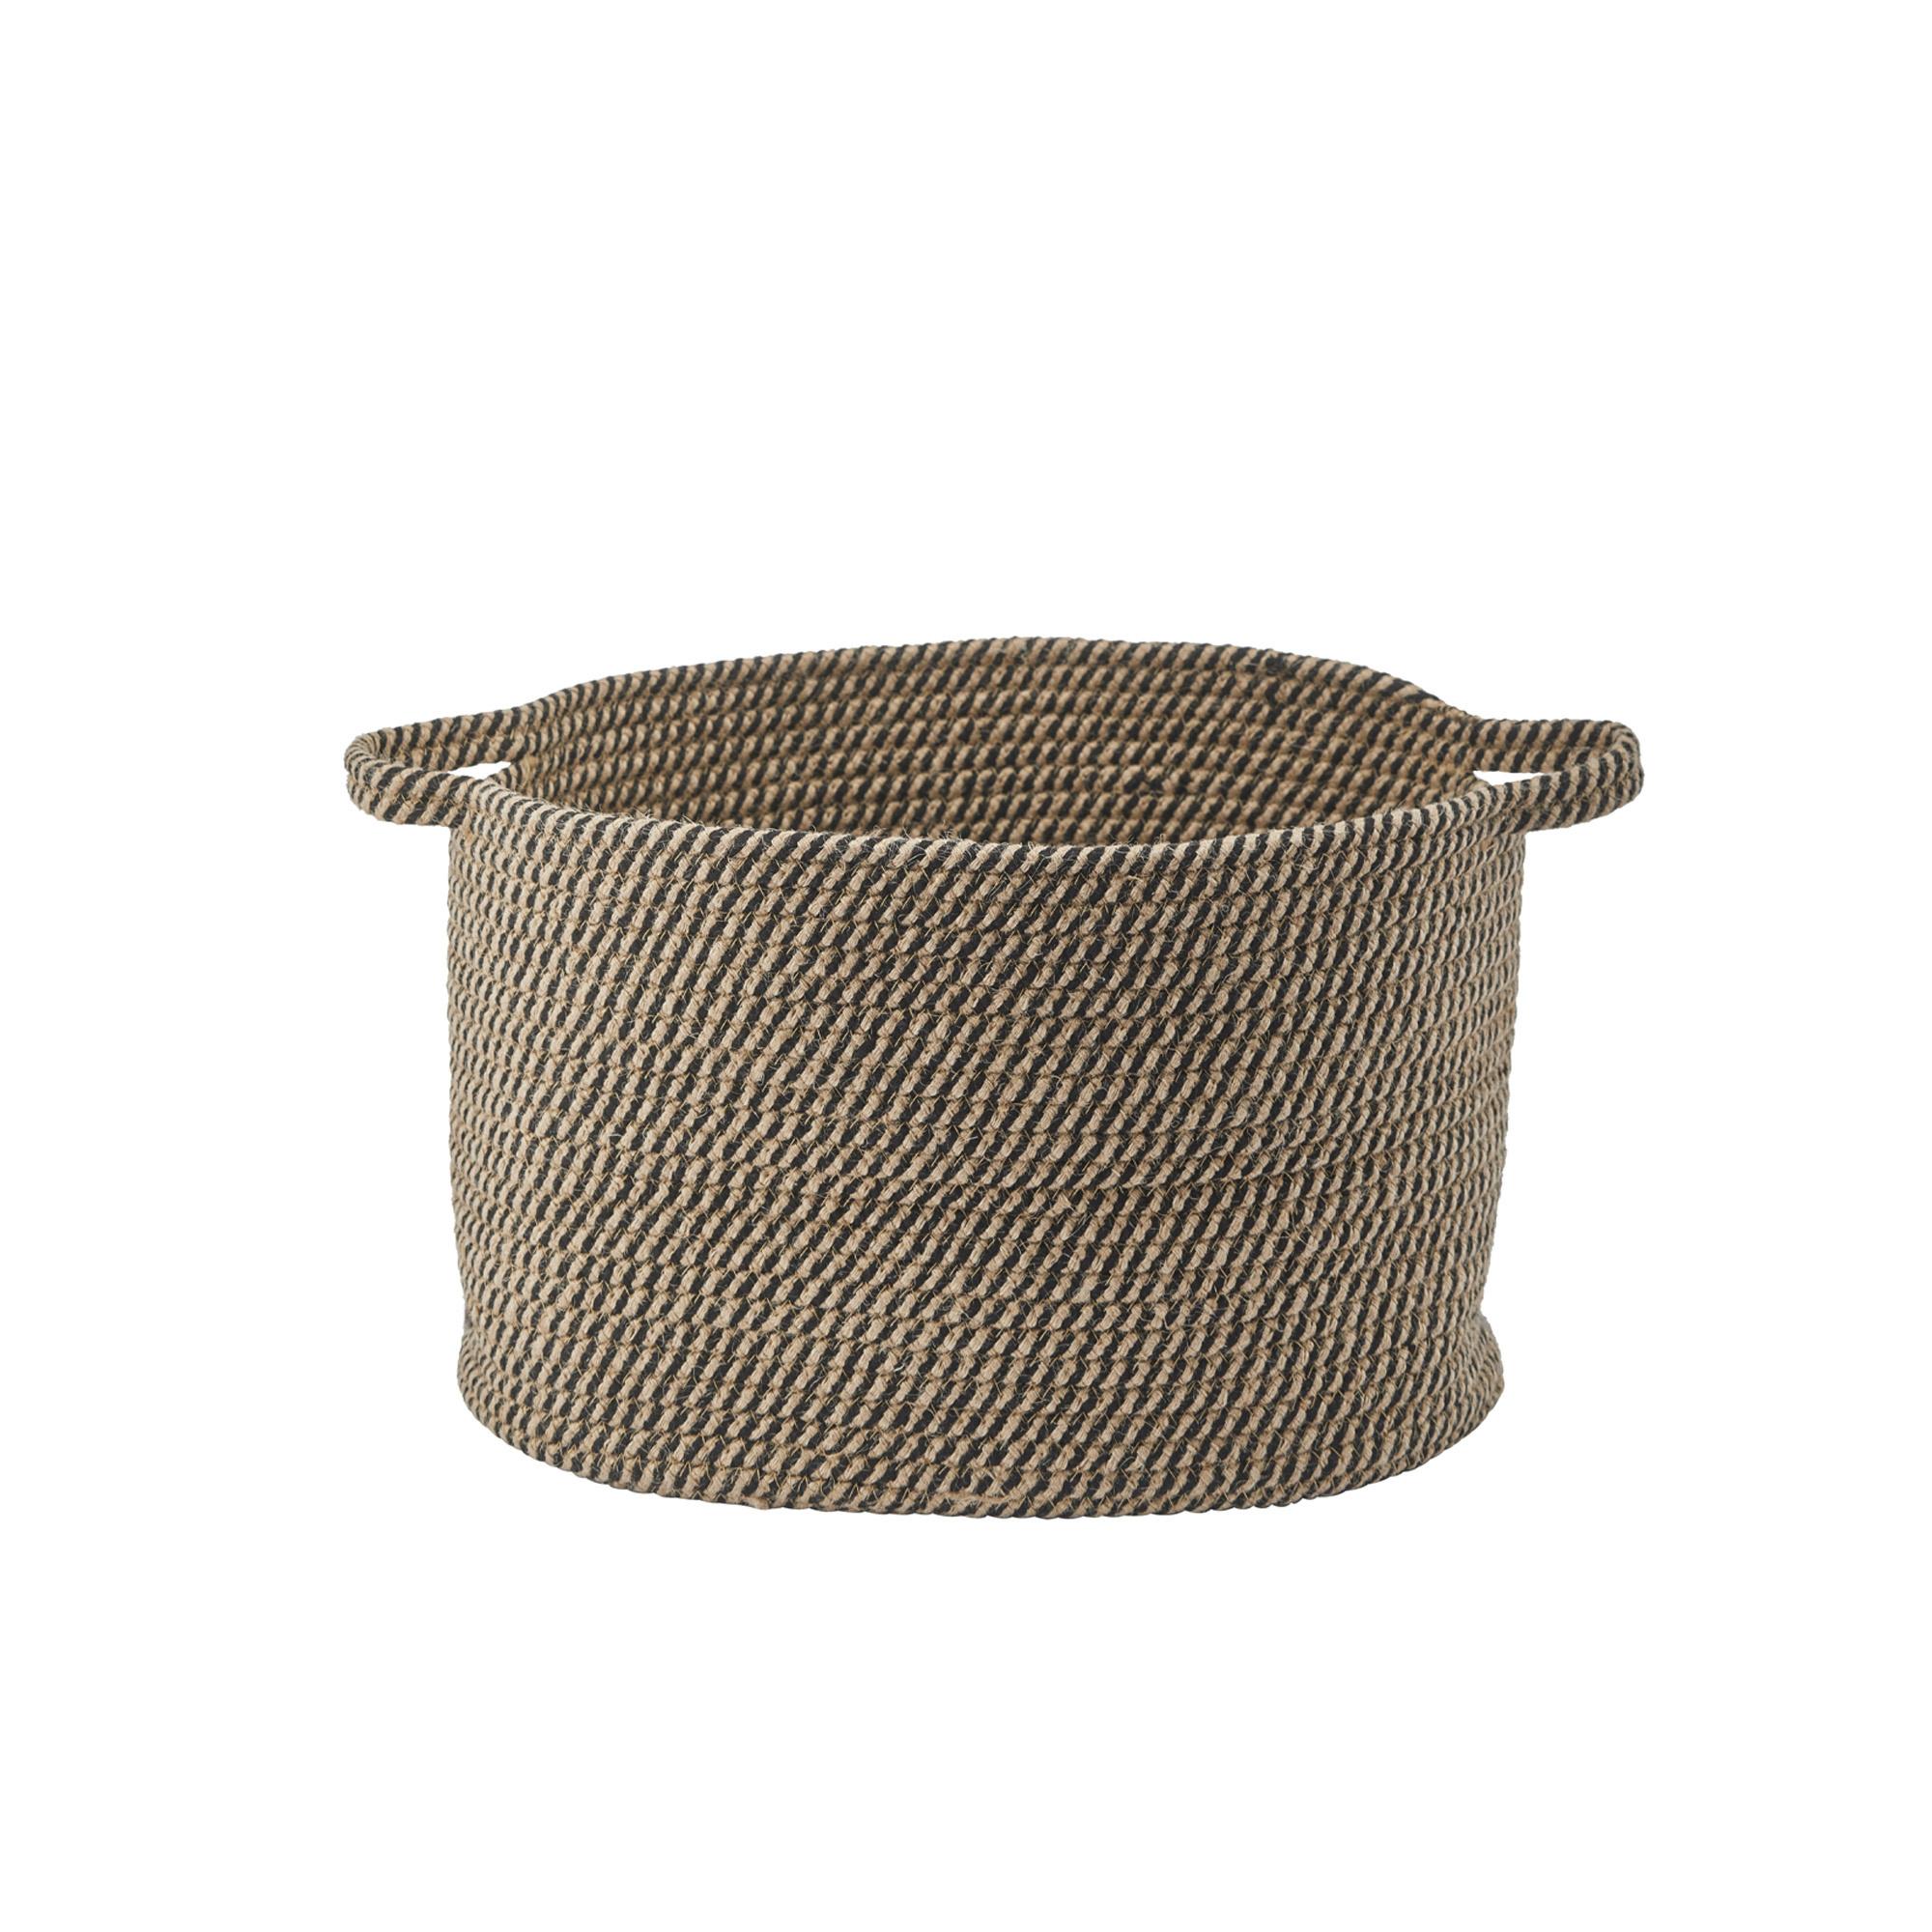 aquanova-storage-basket-rena-medium-color-linen-re